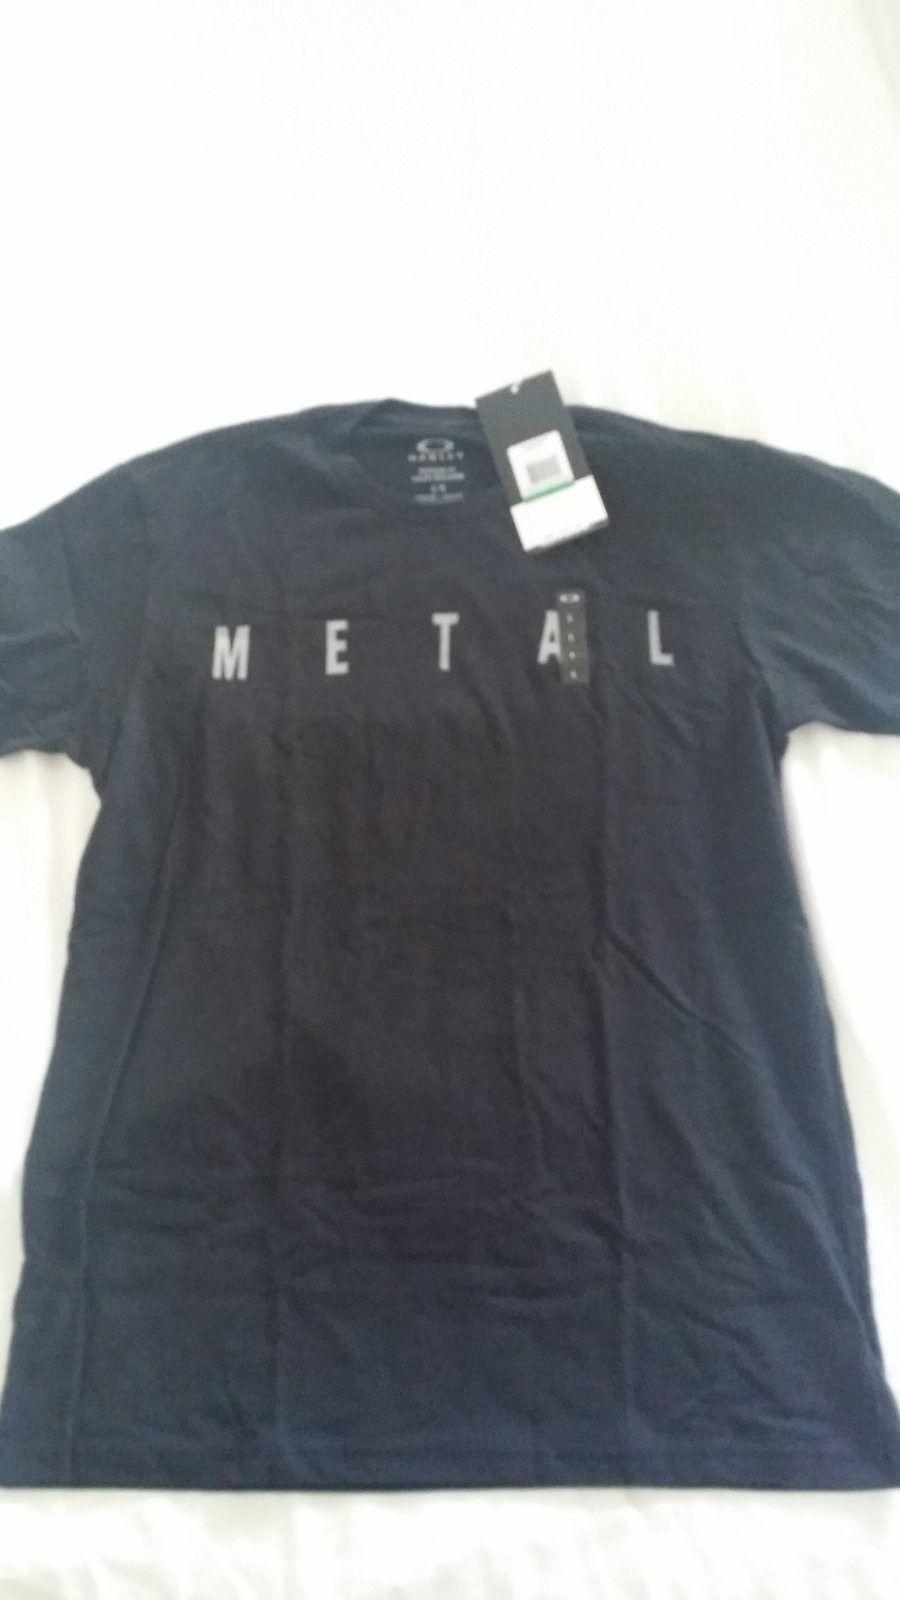 Black Metal Tee AND Dk Hthr Gry Orbital Tee (Size Large) - 20150829_113325.jpg